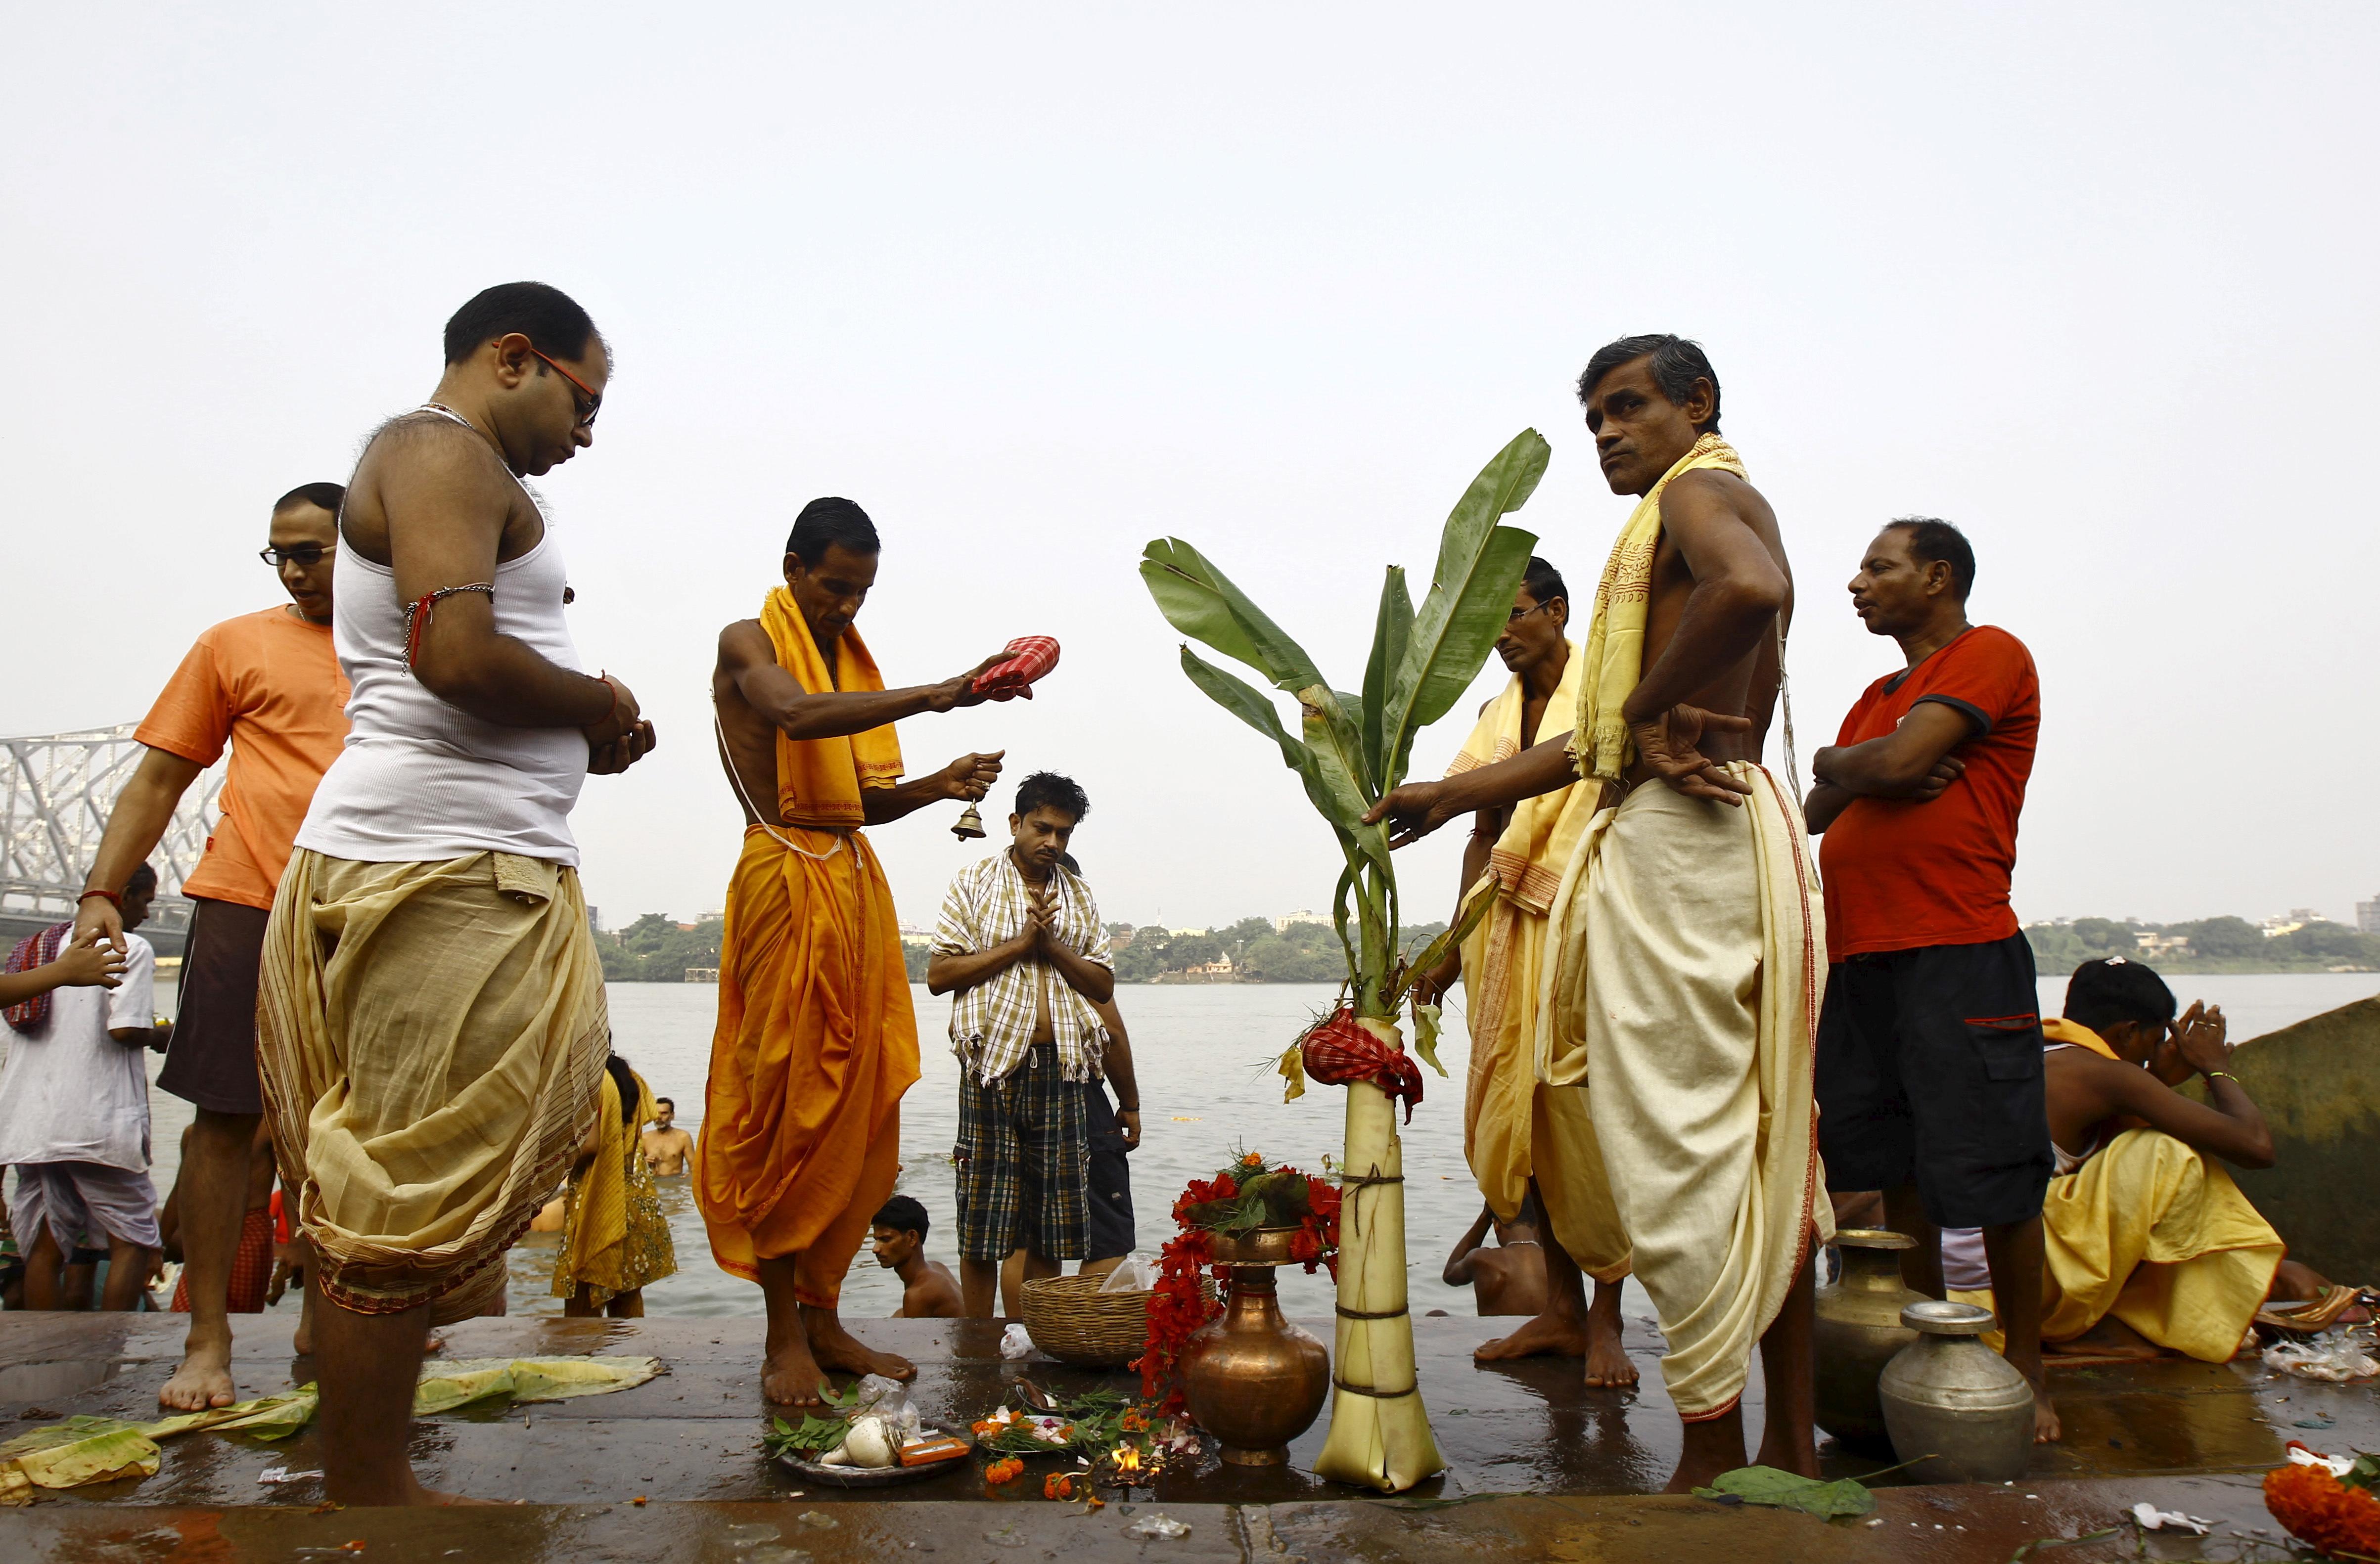 India-Durga-Puja-festival